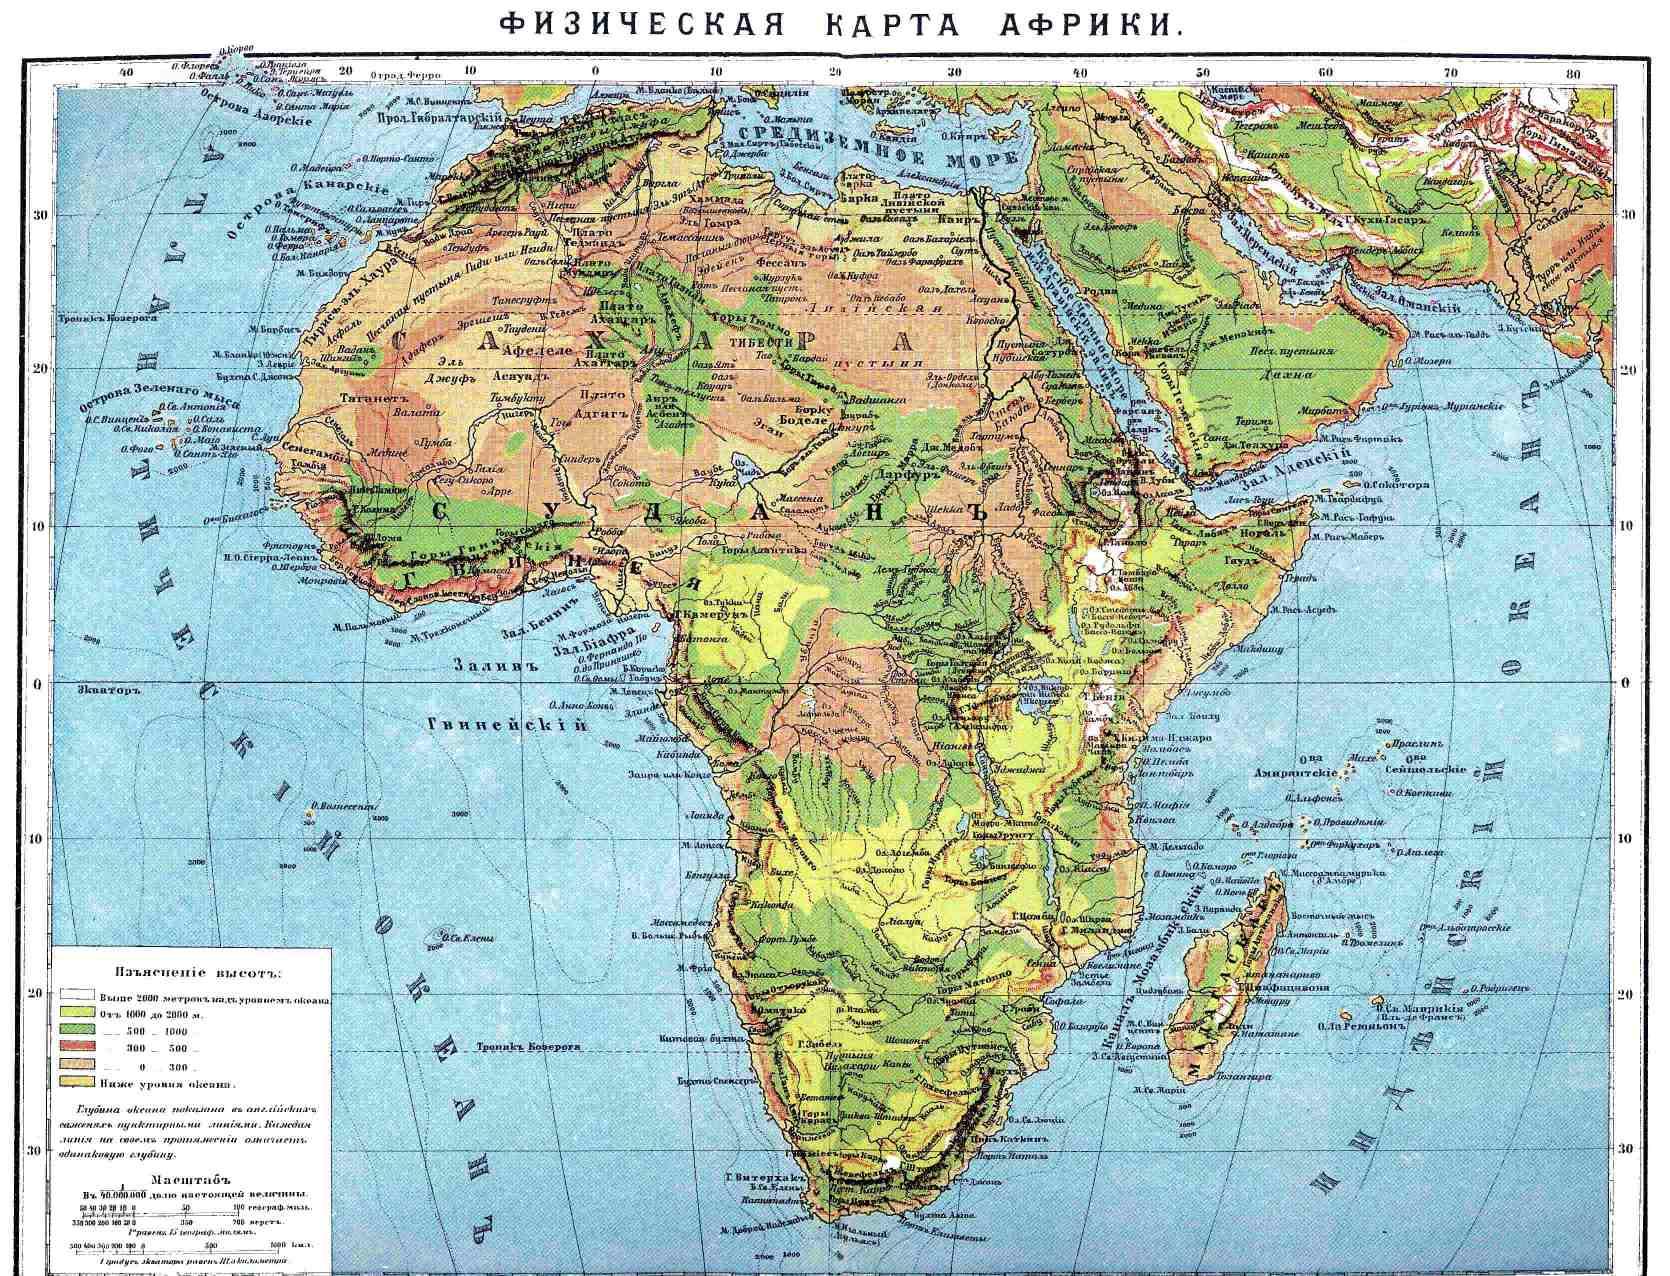 Африка - это... Что такое Африка?: http://dic.academic.ru/dic.nsf/brokgauz_efron/7694/%D0%90%D1%84%D1%80%D0%B8%D0%BA%D0%B0